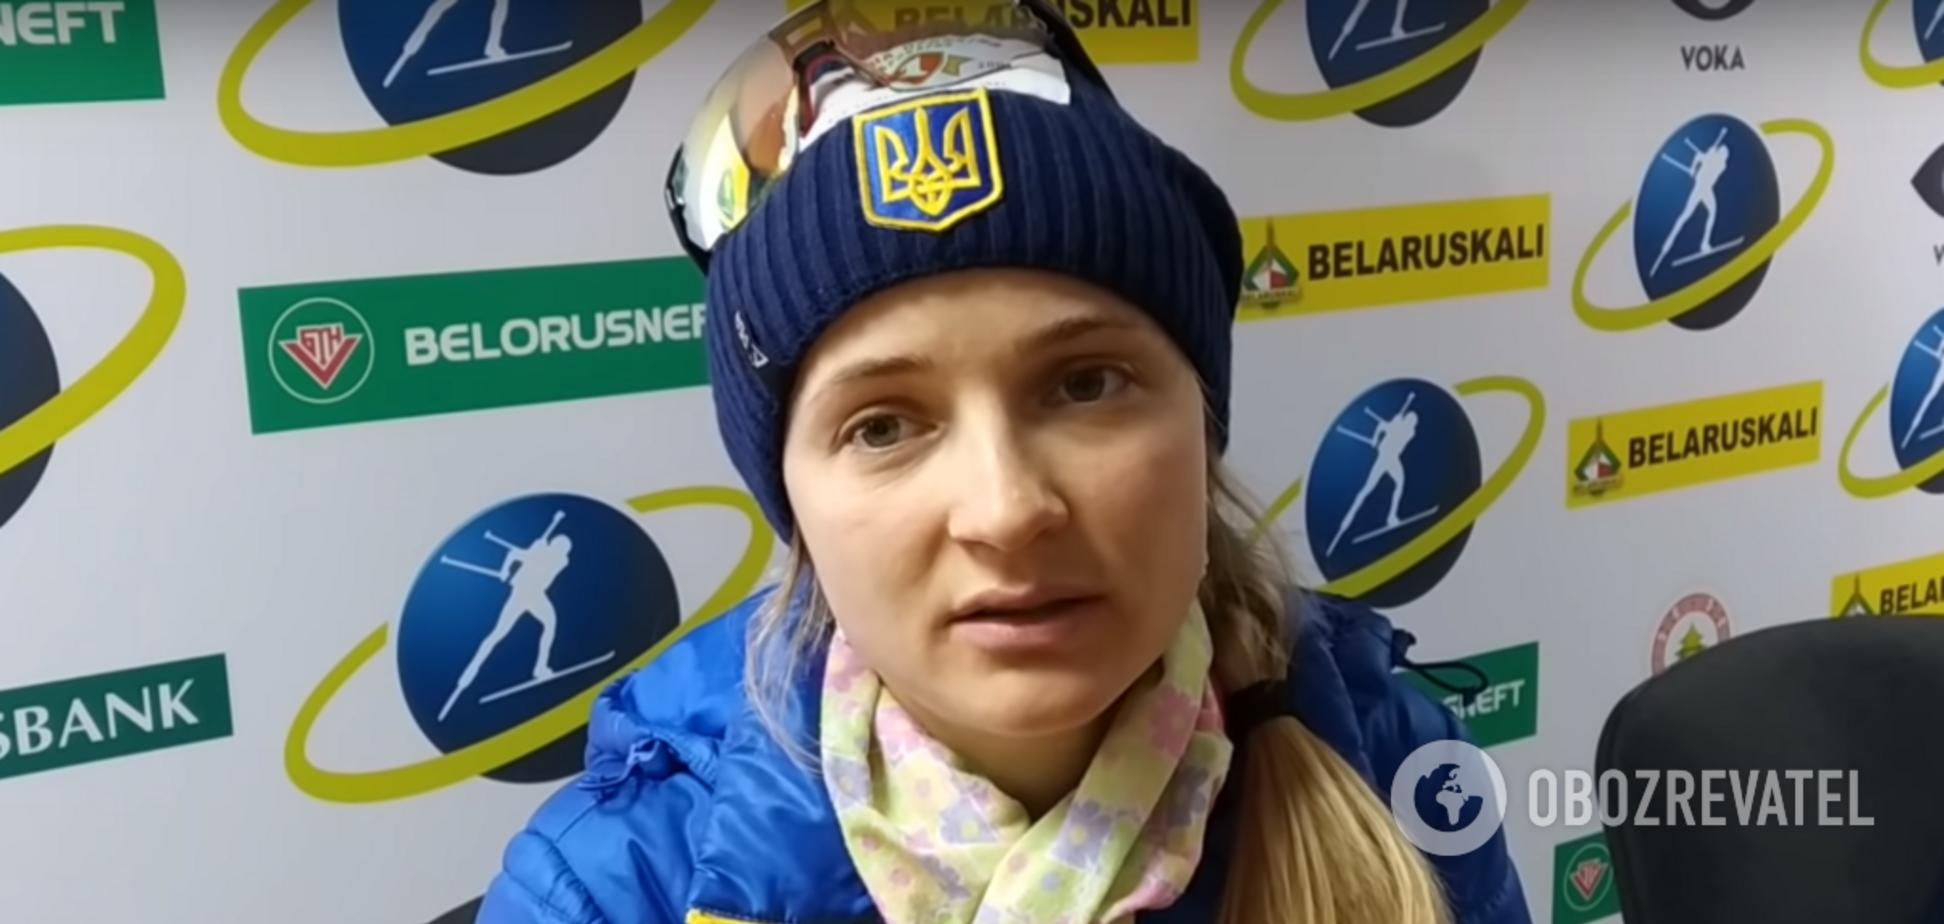 'Я бы с радостью': украинская биатлонистка высказалась о выступлениях в России